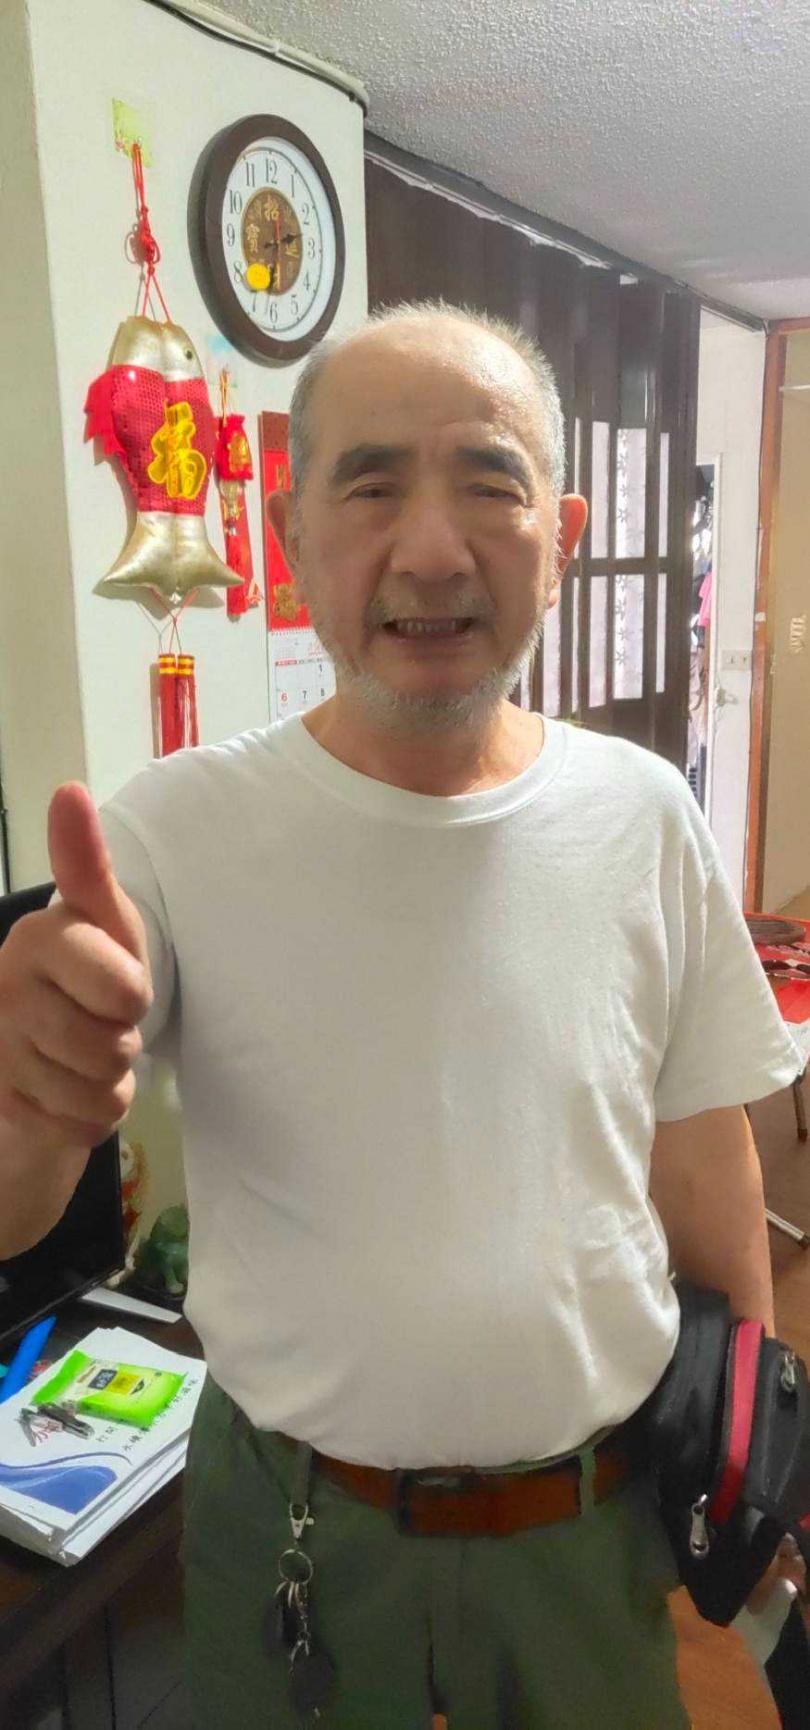 陳維祥已出院返家休養。(圖/陳維祥提供)